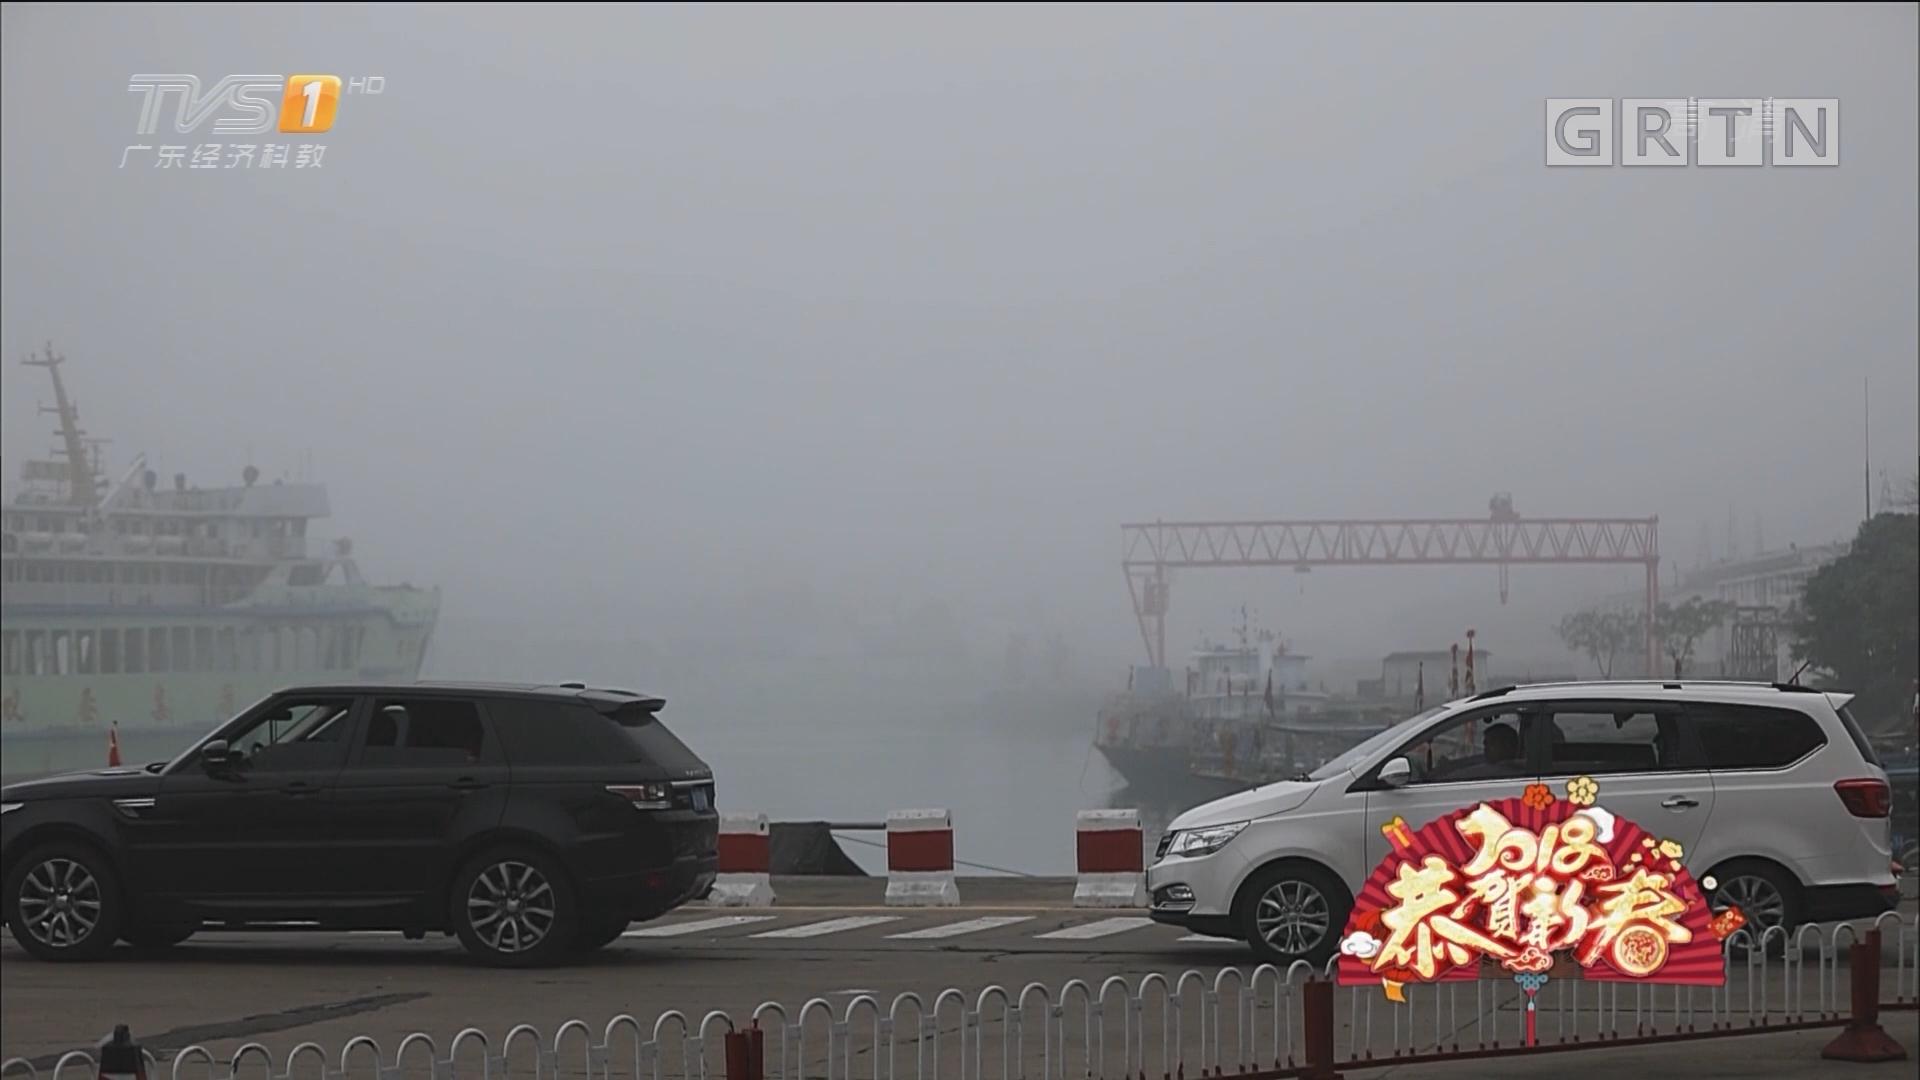 琼州海峡再现浓雾停航 海口车辆滞留持续